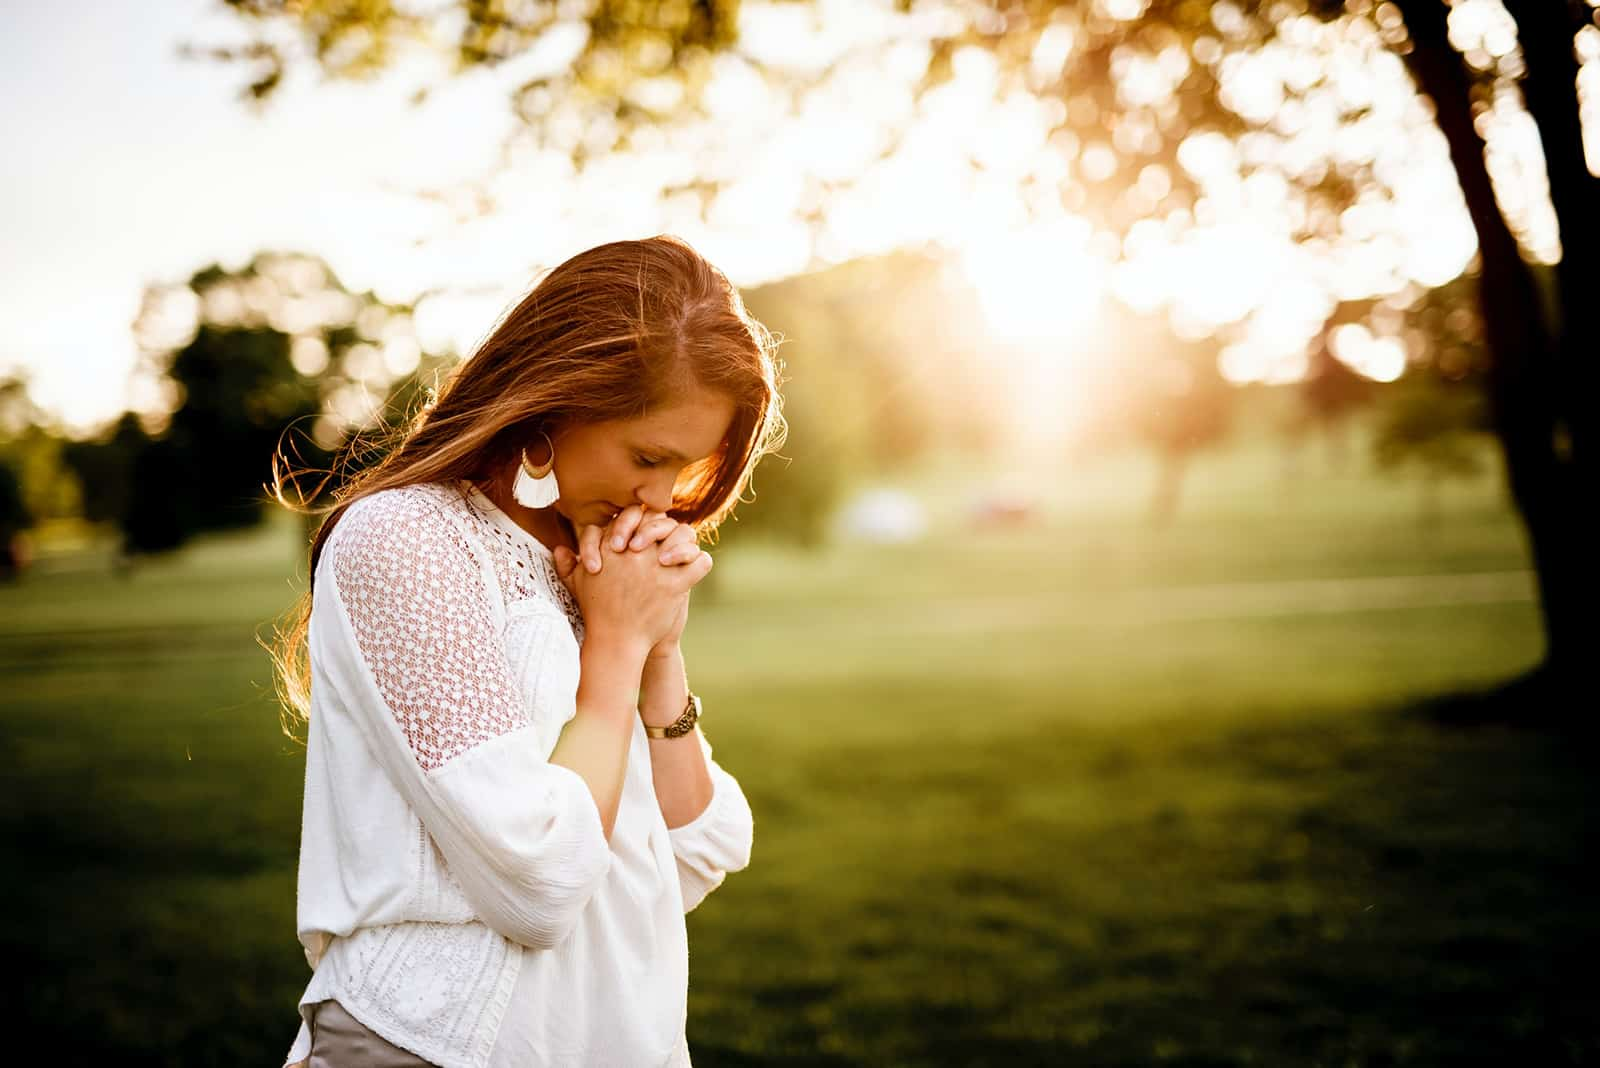 eine Frau, die während des Sonnenuntergangs neben dem Baum betet